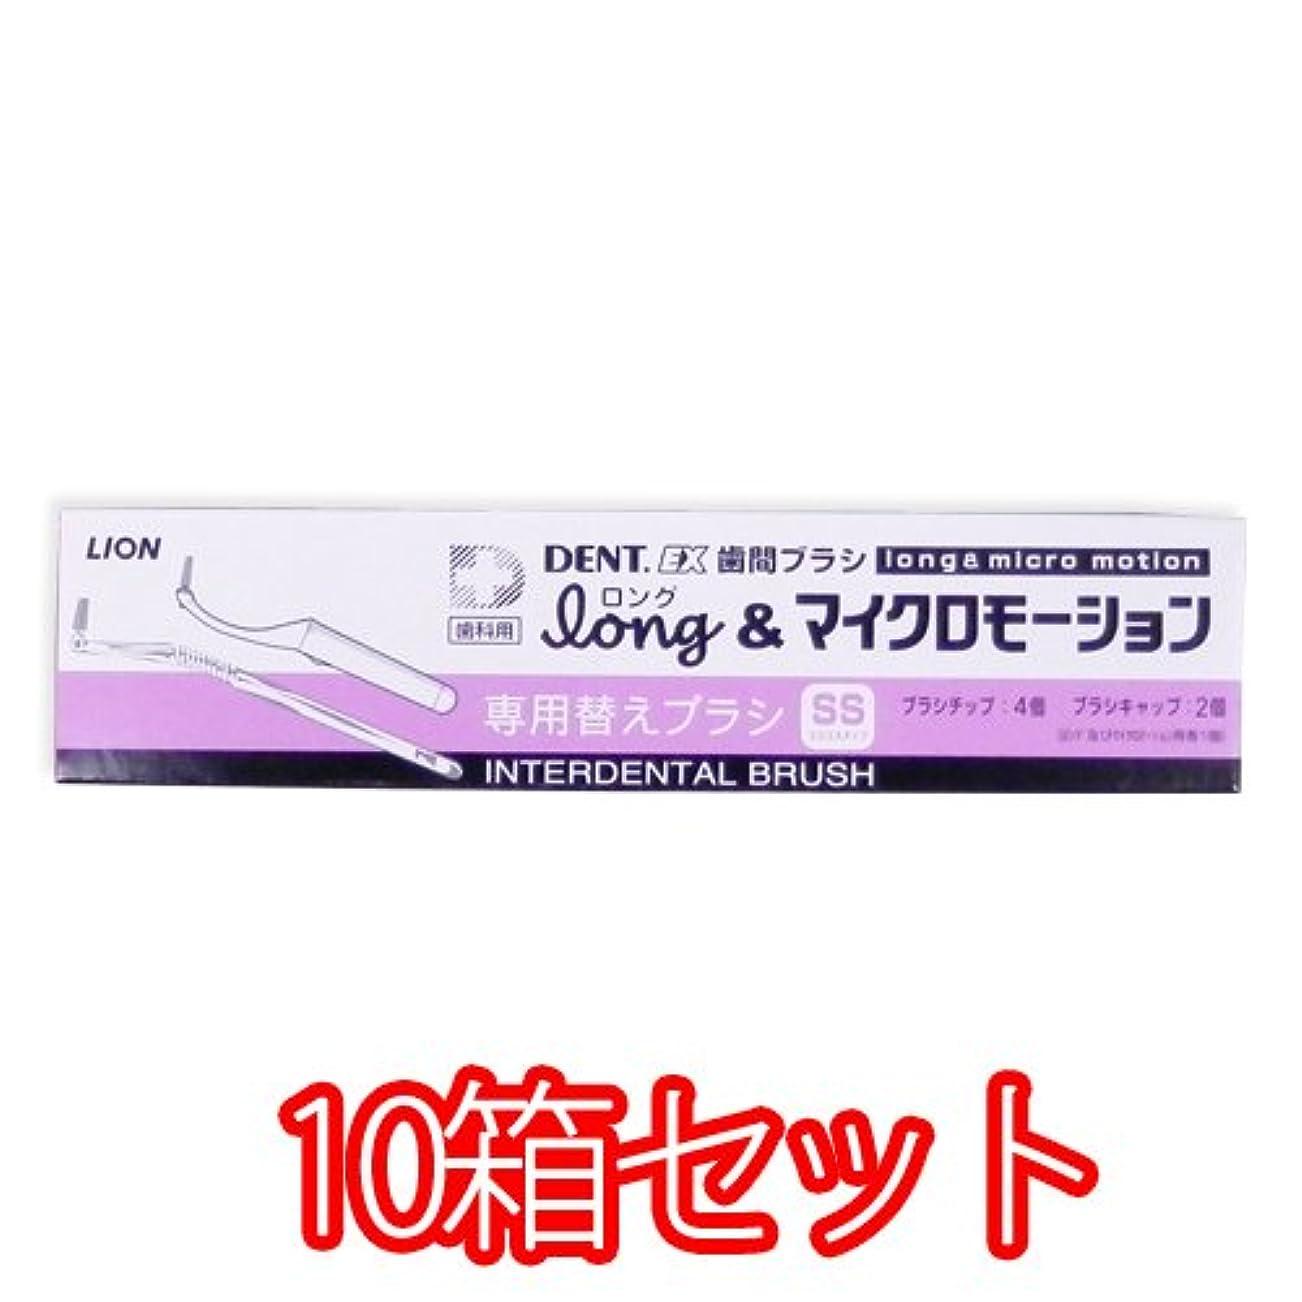 ライオン DENT . EX 歯間ブラシ long ロング & マイクロモーション 専用 替えブラシ 4本入 × 10個 SS